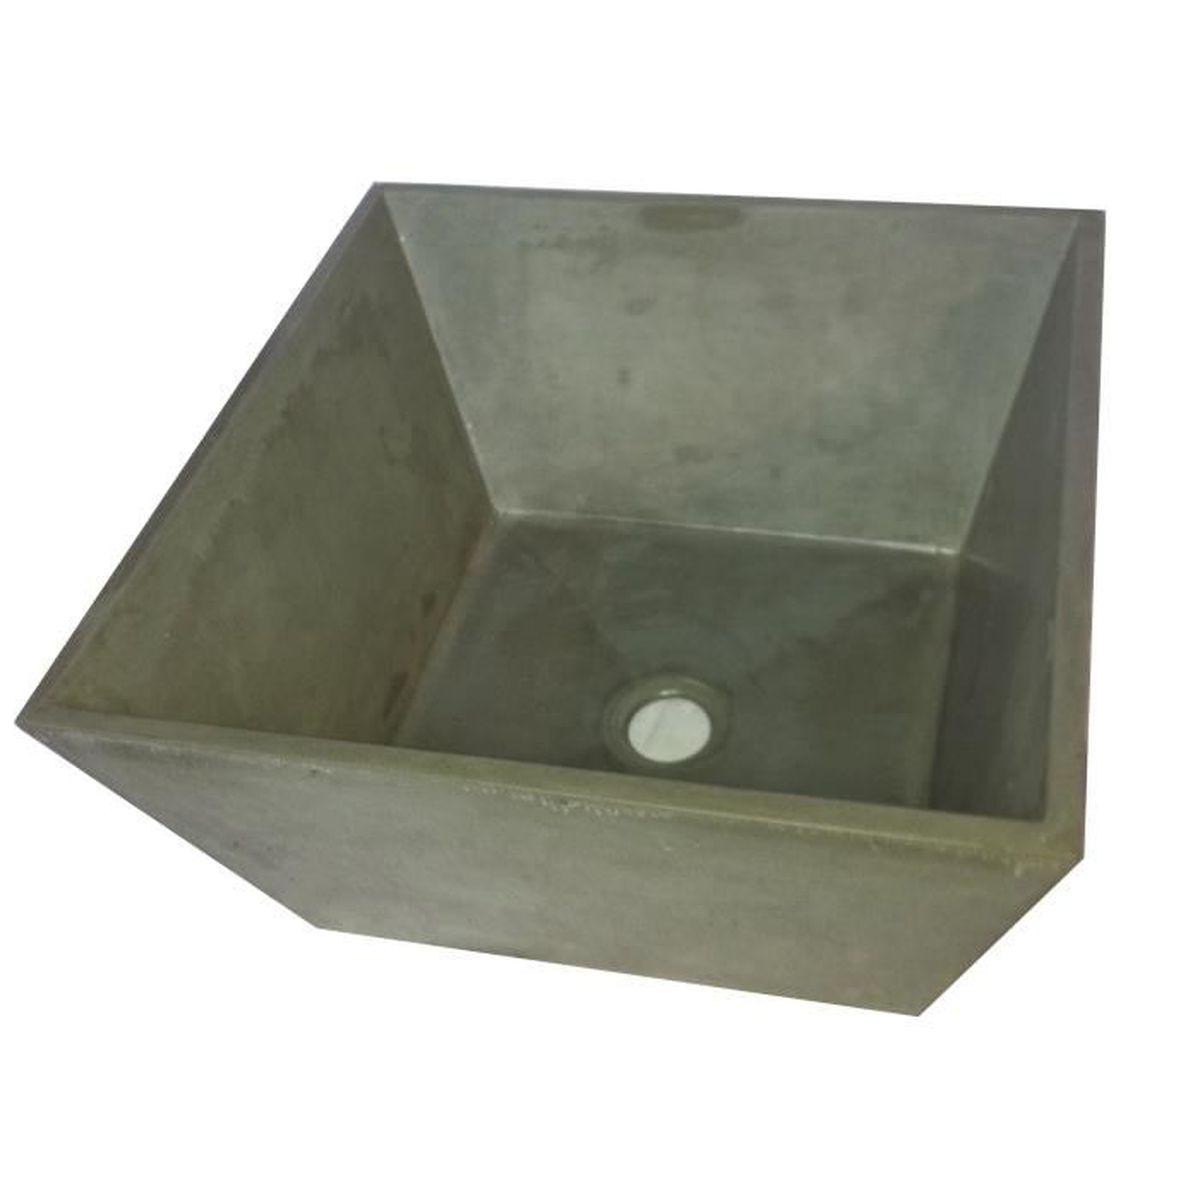 Béton Haute Performance Recette vasque à poser en béton ductal® - achat / vente lavabo